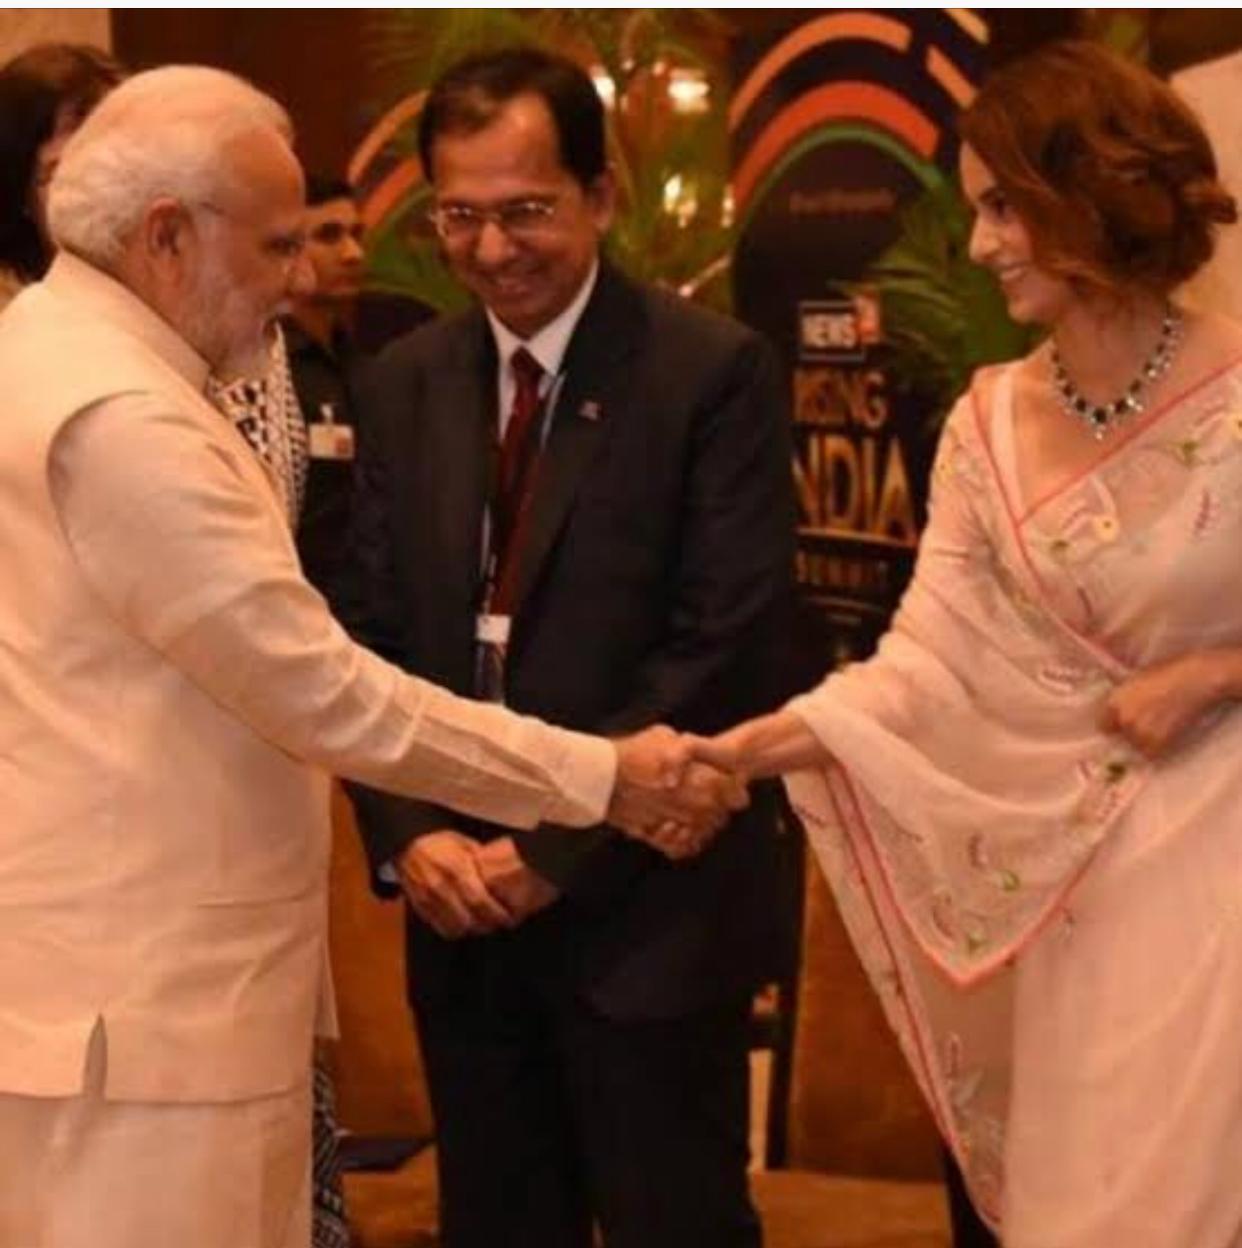 जन्मदिन मुबारक हो, नरेंद्र मोदी! भारतीय प्रधान मंत्री नरेंद्र दामोदर मोदी आज 70 वर्ष के हो गए हैं और देश उनके लिए ट्वीट, पोस्ट और अन्य रास्तों से उन्हें जन्मदिन की हार्दिक बधाई दे रहा है।अंतरराष्ट्रीय राजनेताओं से लेकर खेल सितारों तक, हर कोई सोशल मीडिया पर जन्मदिन की शुभकामनाएं भेज रहा है। प्रधानमंत्री ने राष्ट्र के लिए महालया की भी कामना की। उन्होंने ट्वीट किया,